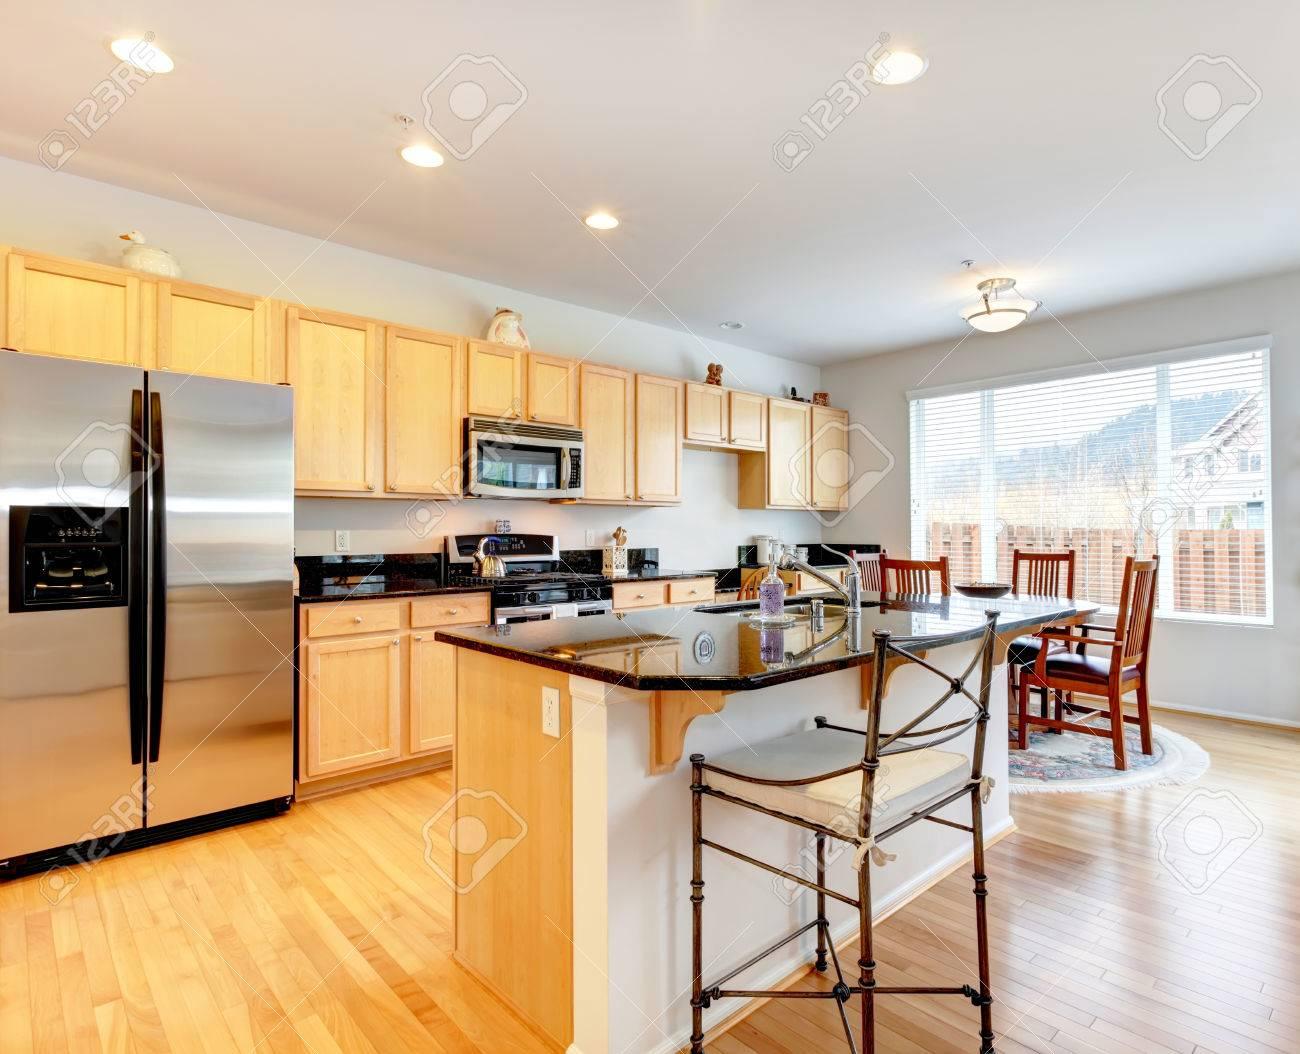 Große Küche Zimmer Mit Parkett. Helle Farbtöne Lagerschränke Mit ...